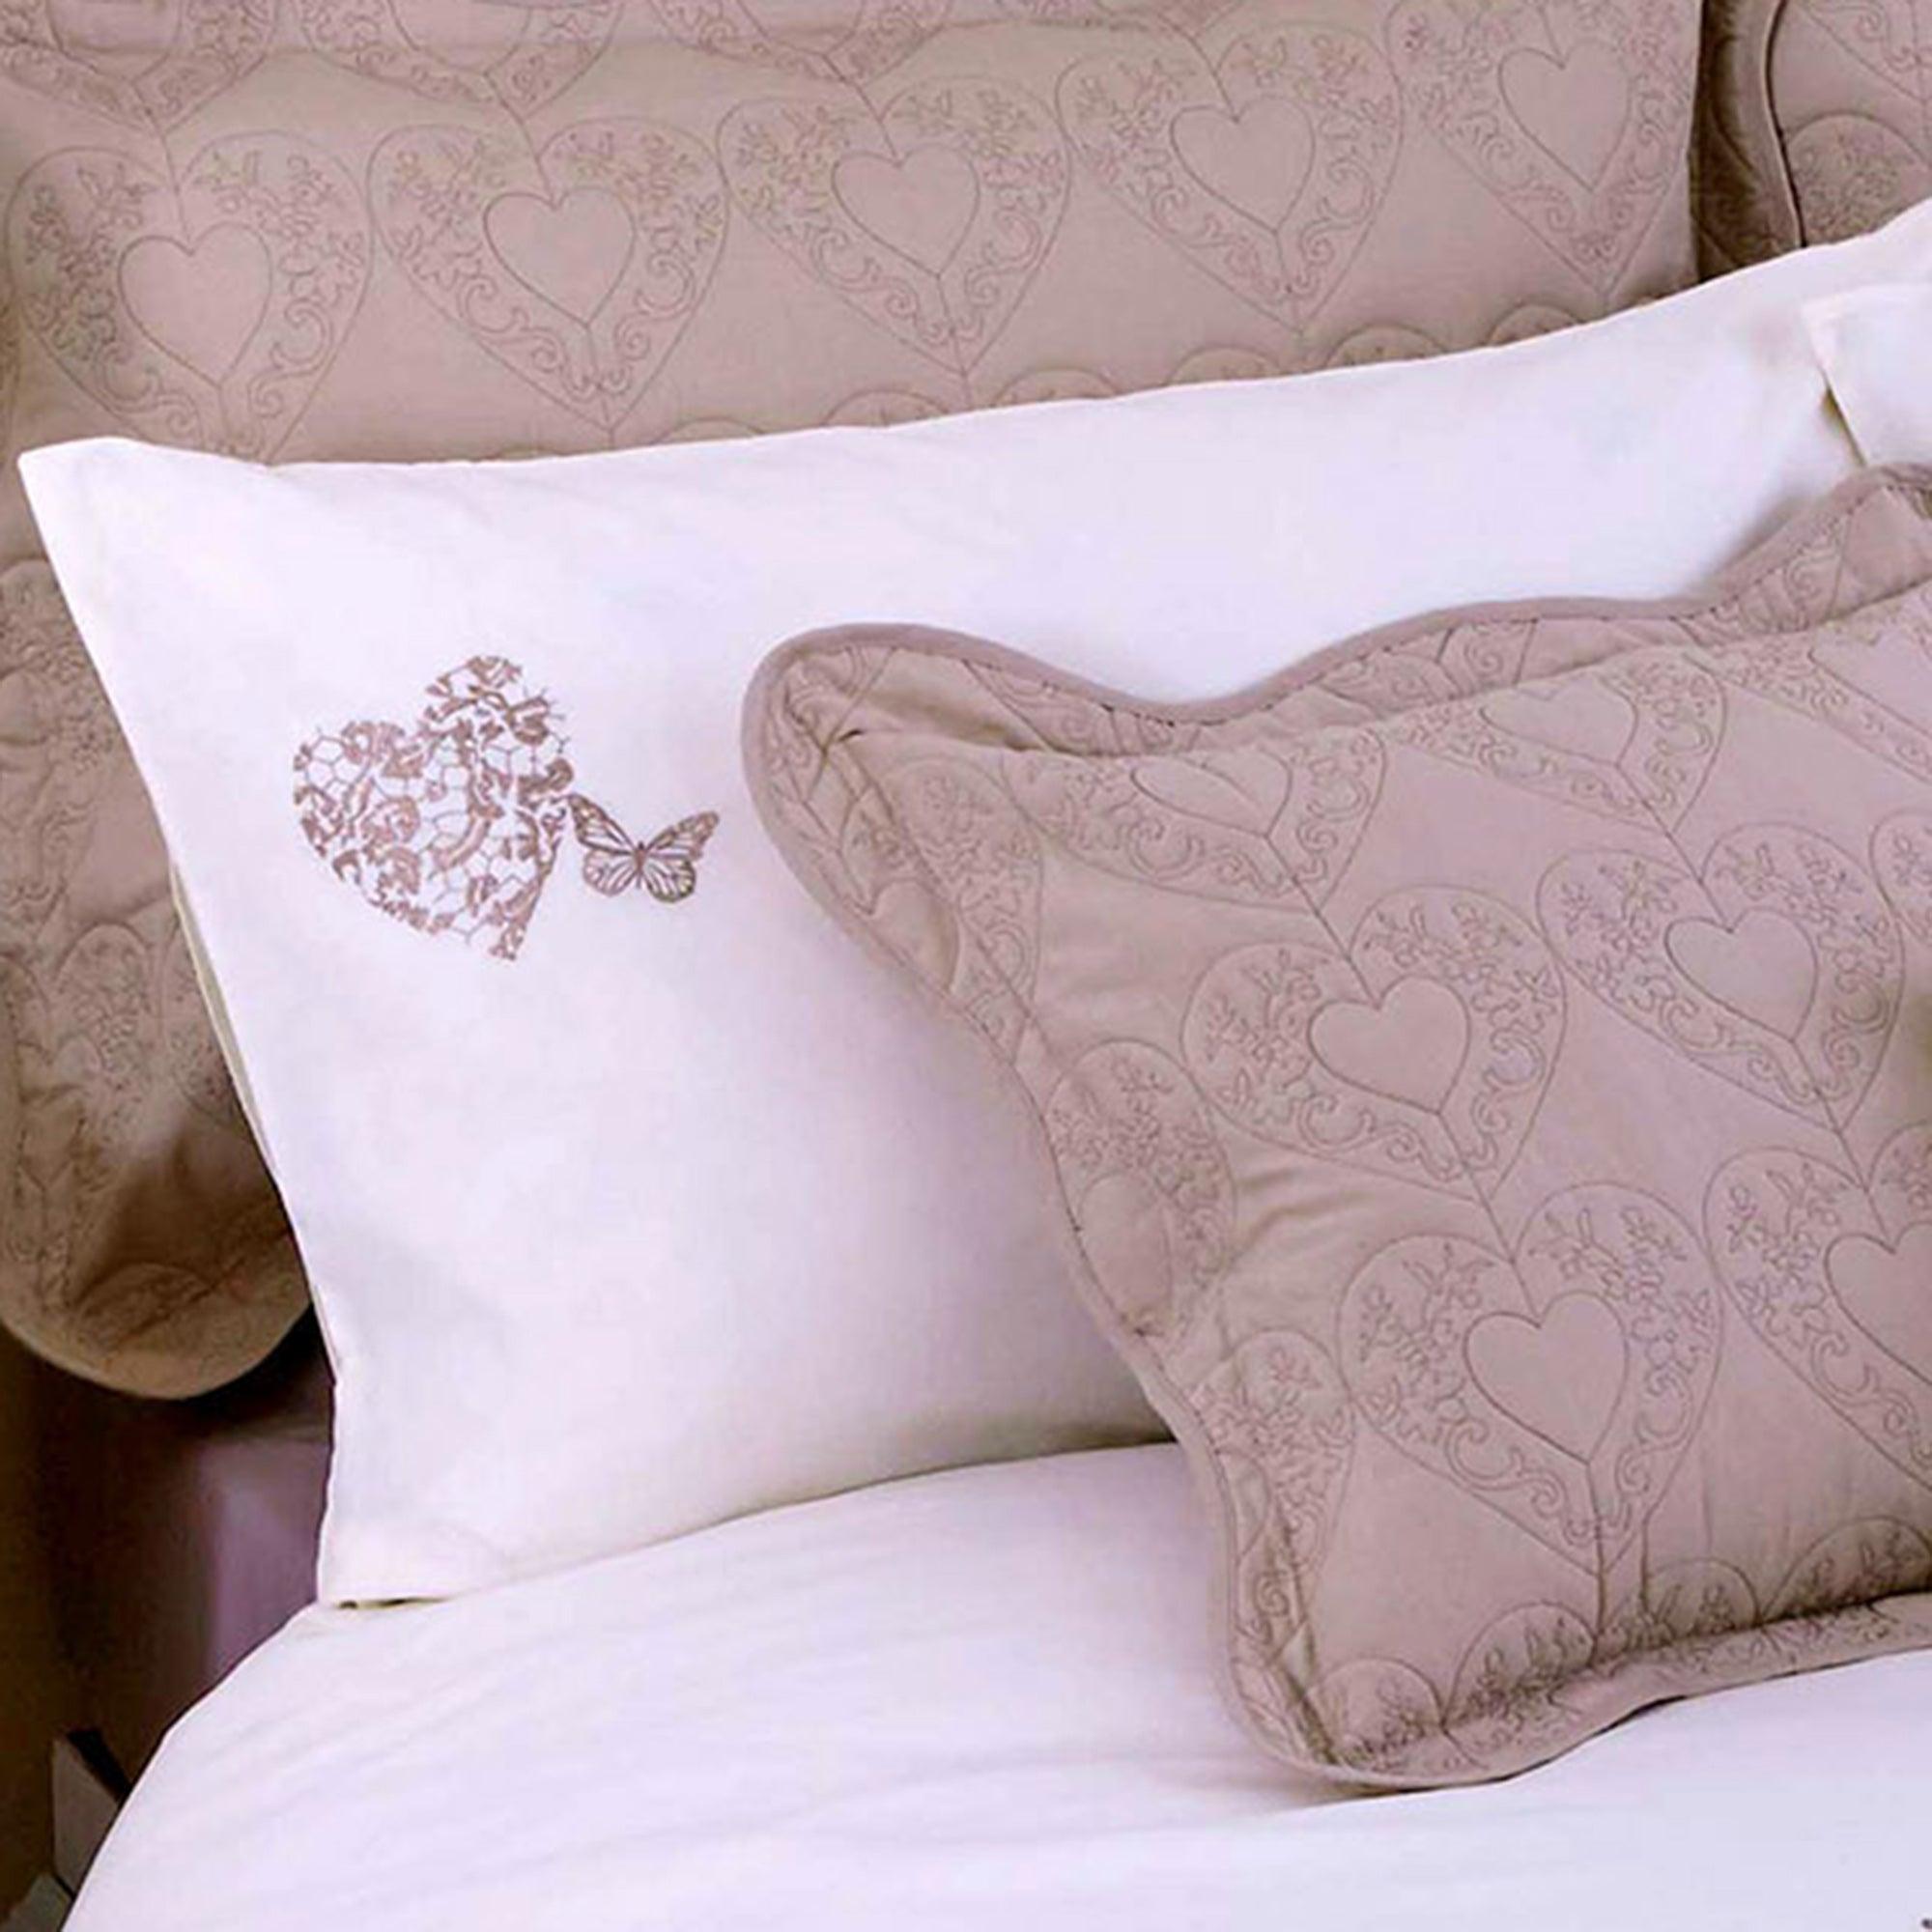 Cream Parisian Collection Housewife Pillowcase